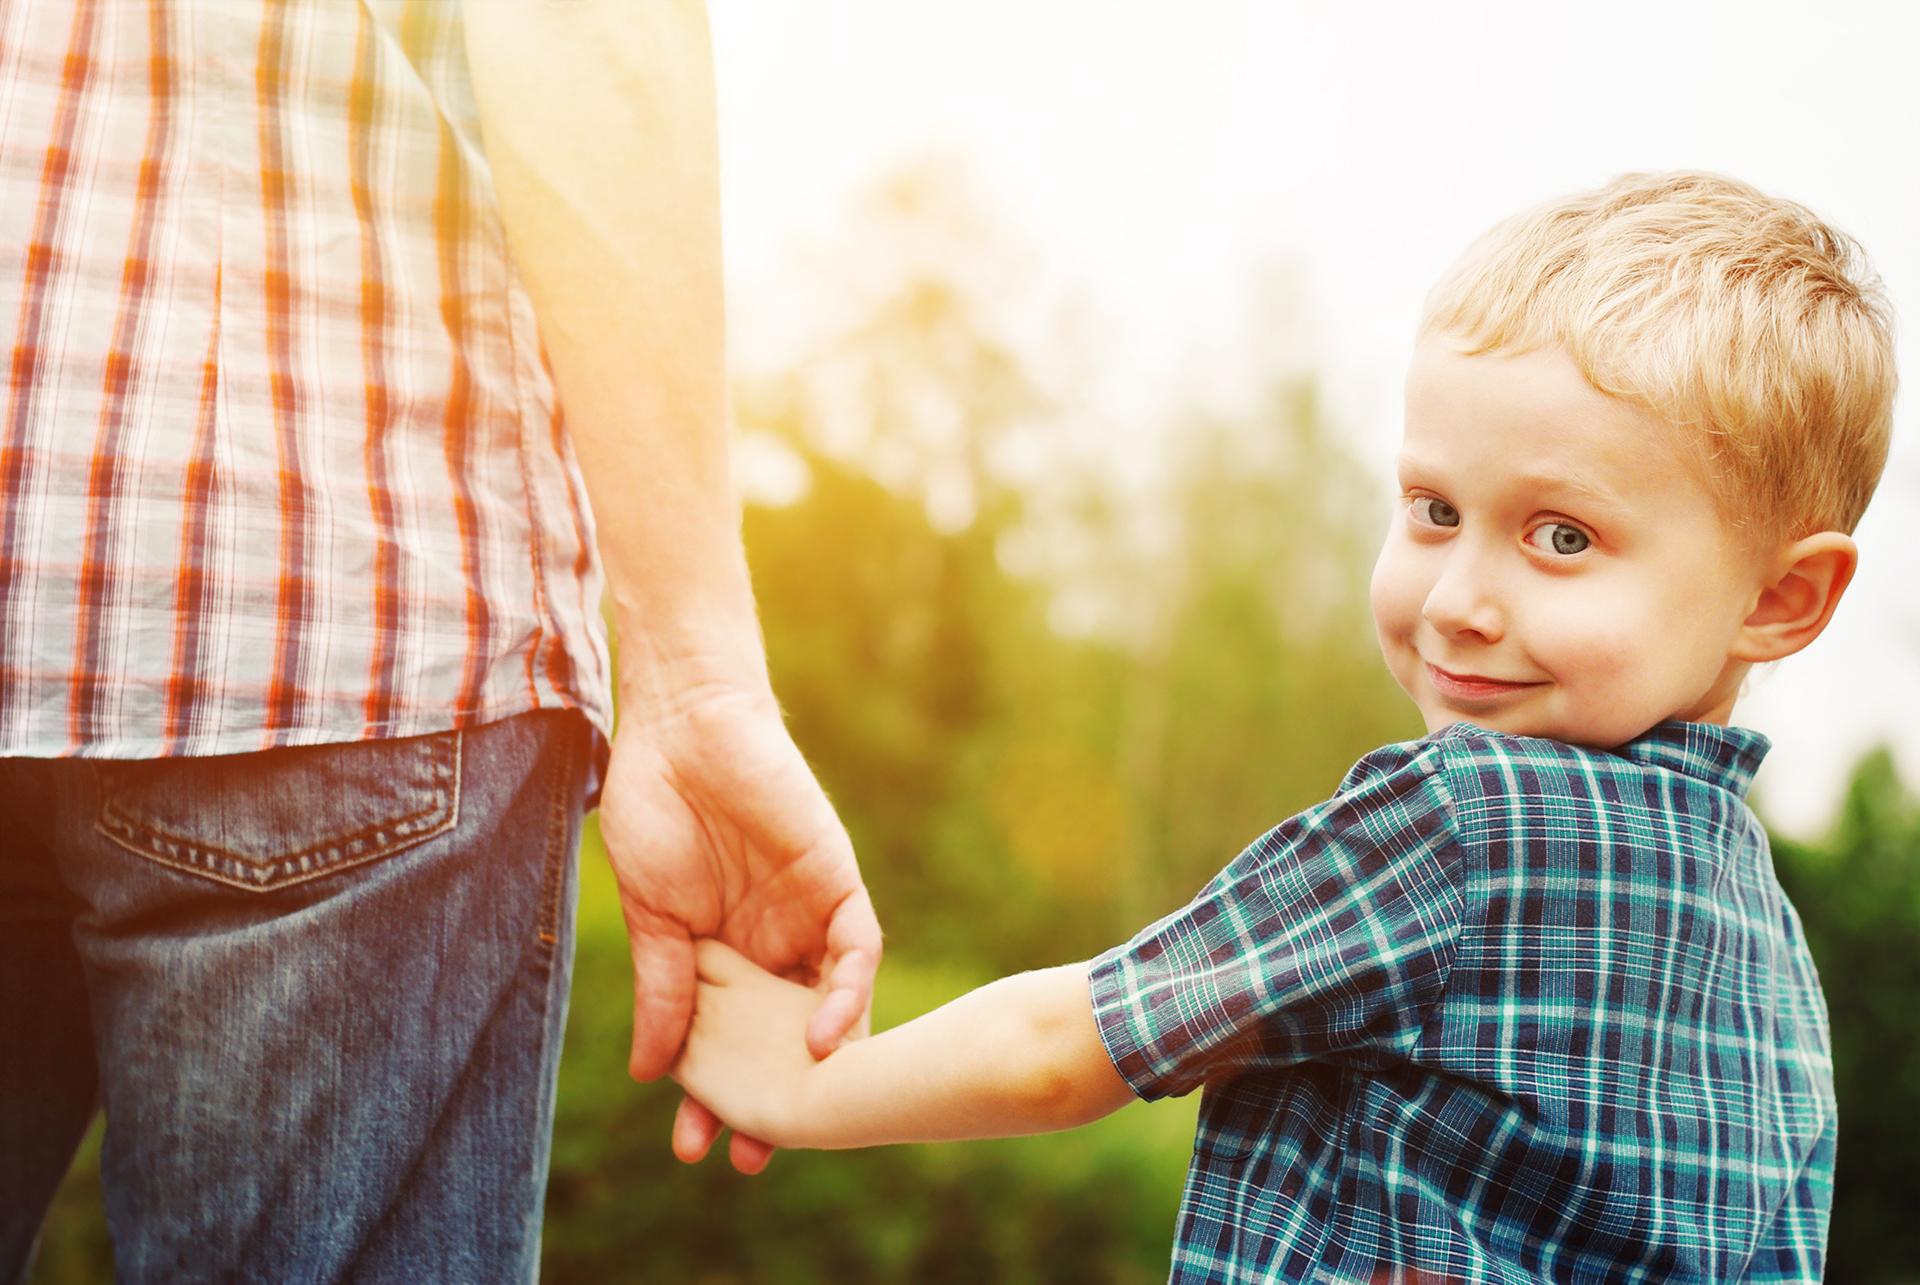 عنيد وسريع التعلم.. 6 أشياء عليك معرفتها عن طفلك «الدلو»